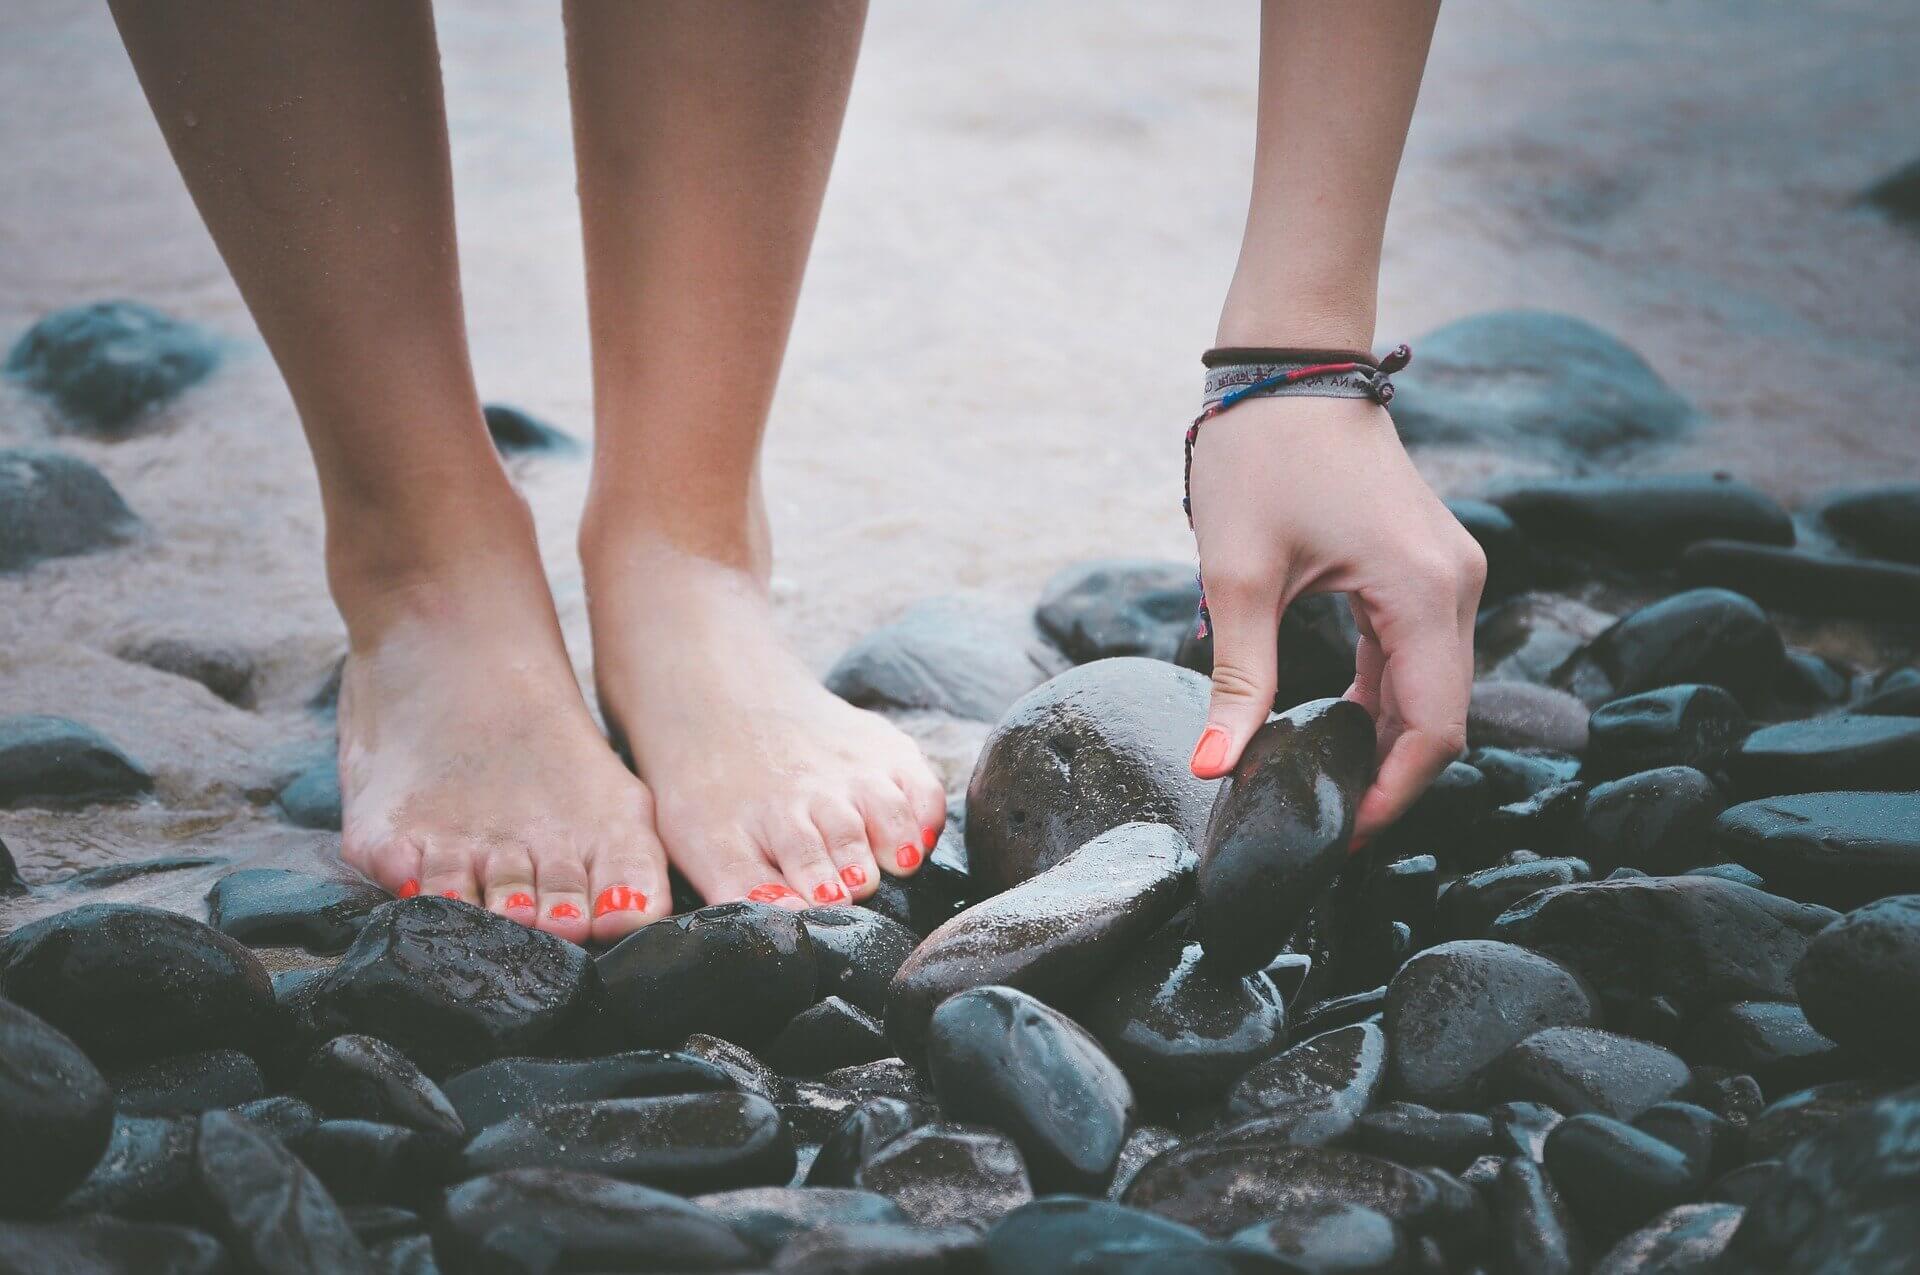 Hornhaut hat keine Auswirkung auf Gefühl im Fuß - Hornhaut hat keine Auswirkung auf Gefühl im Fuß